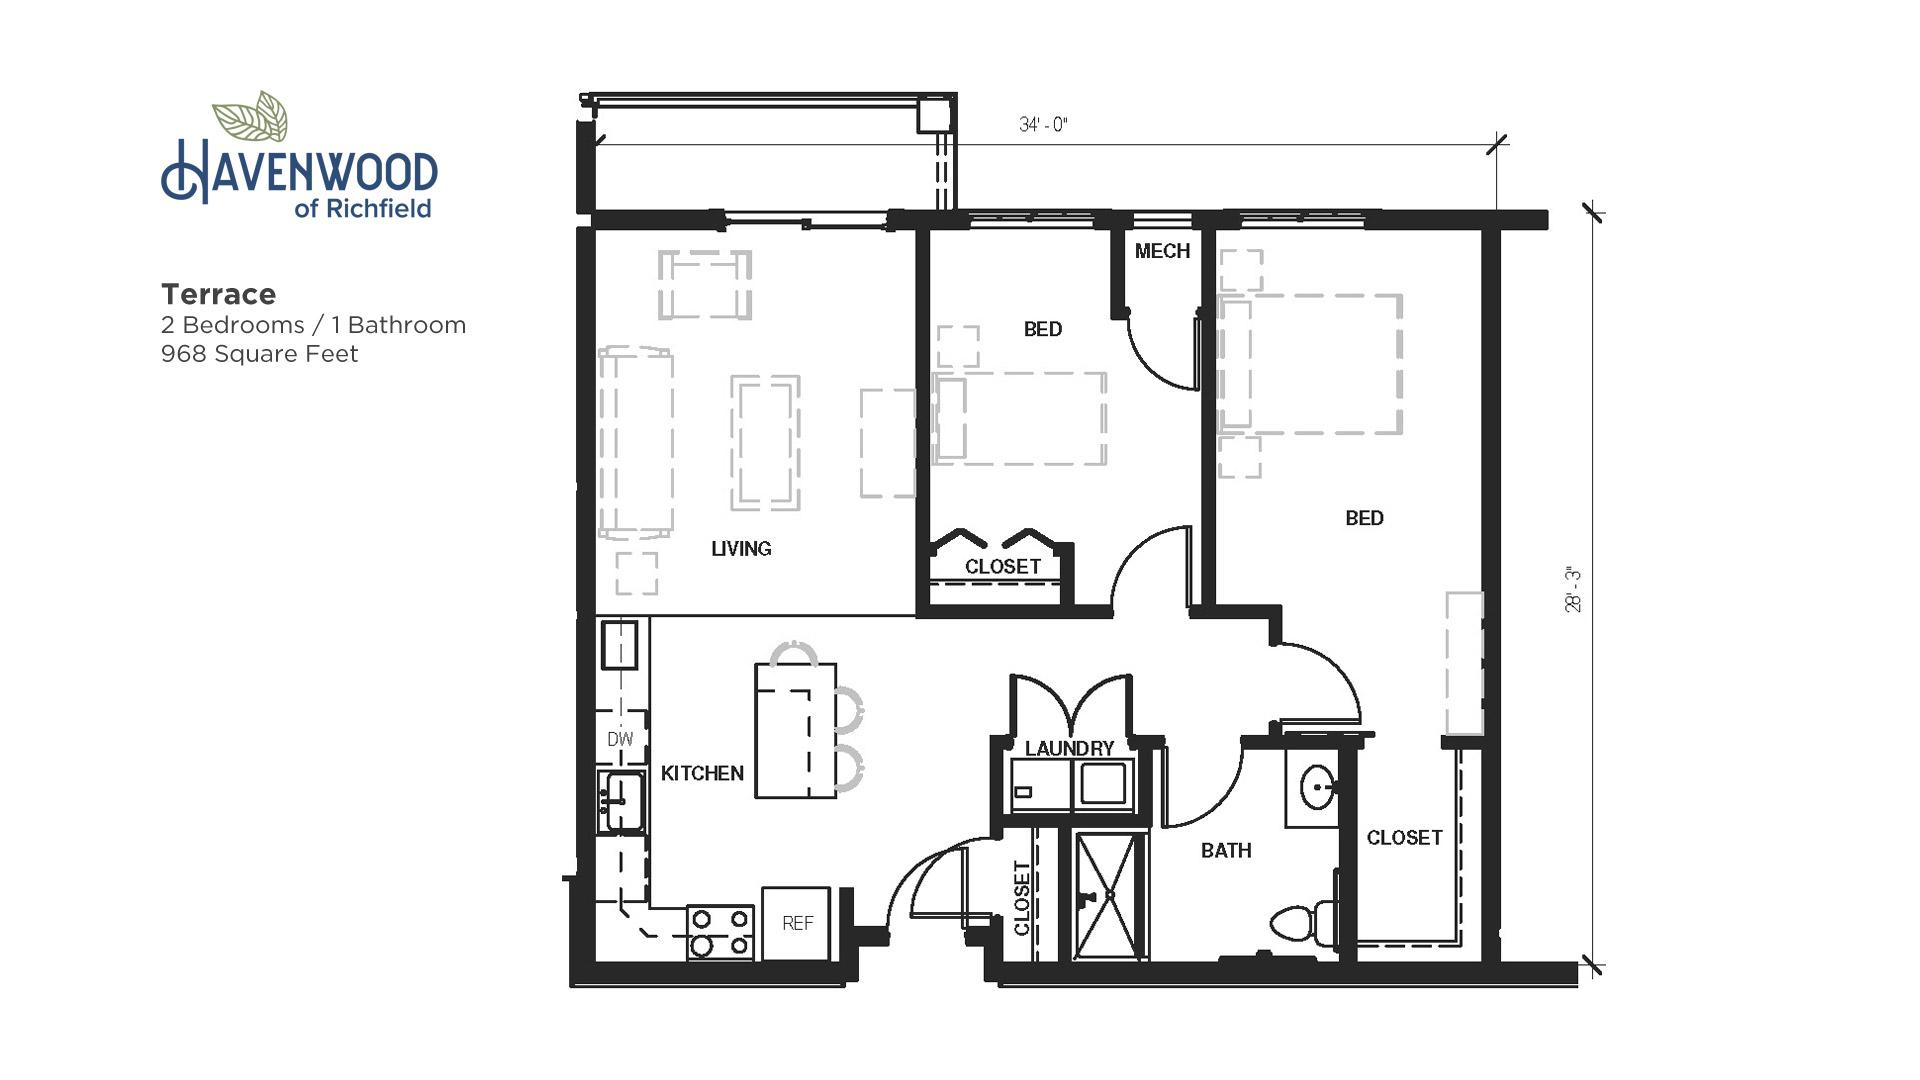 Havenwood of Richfield Terrace Floor Plan